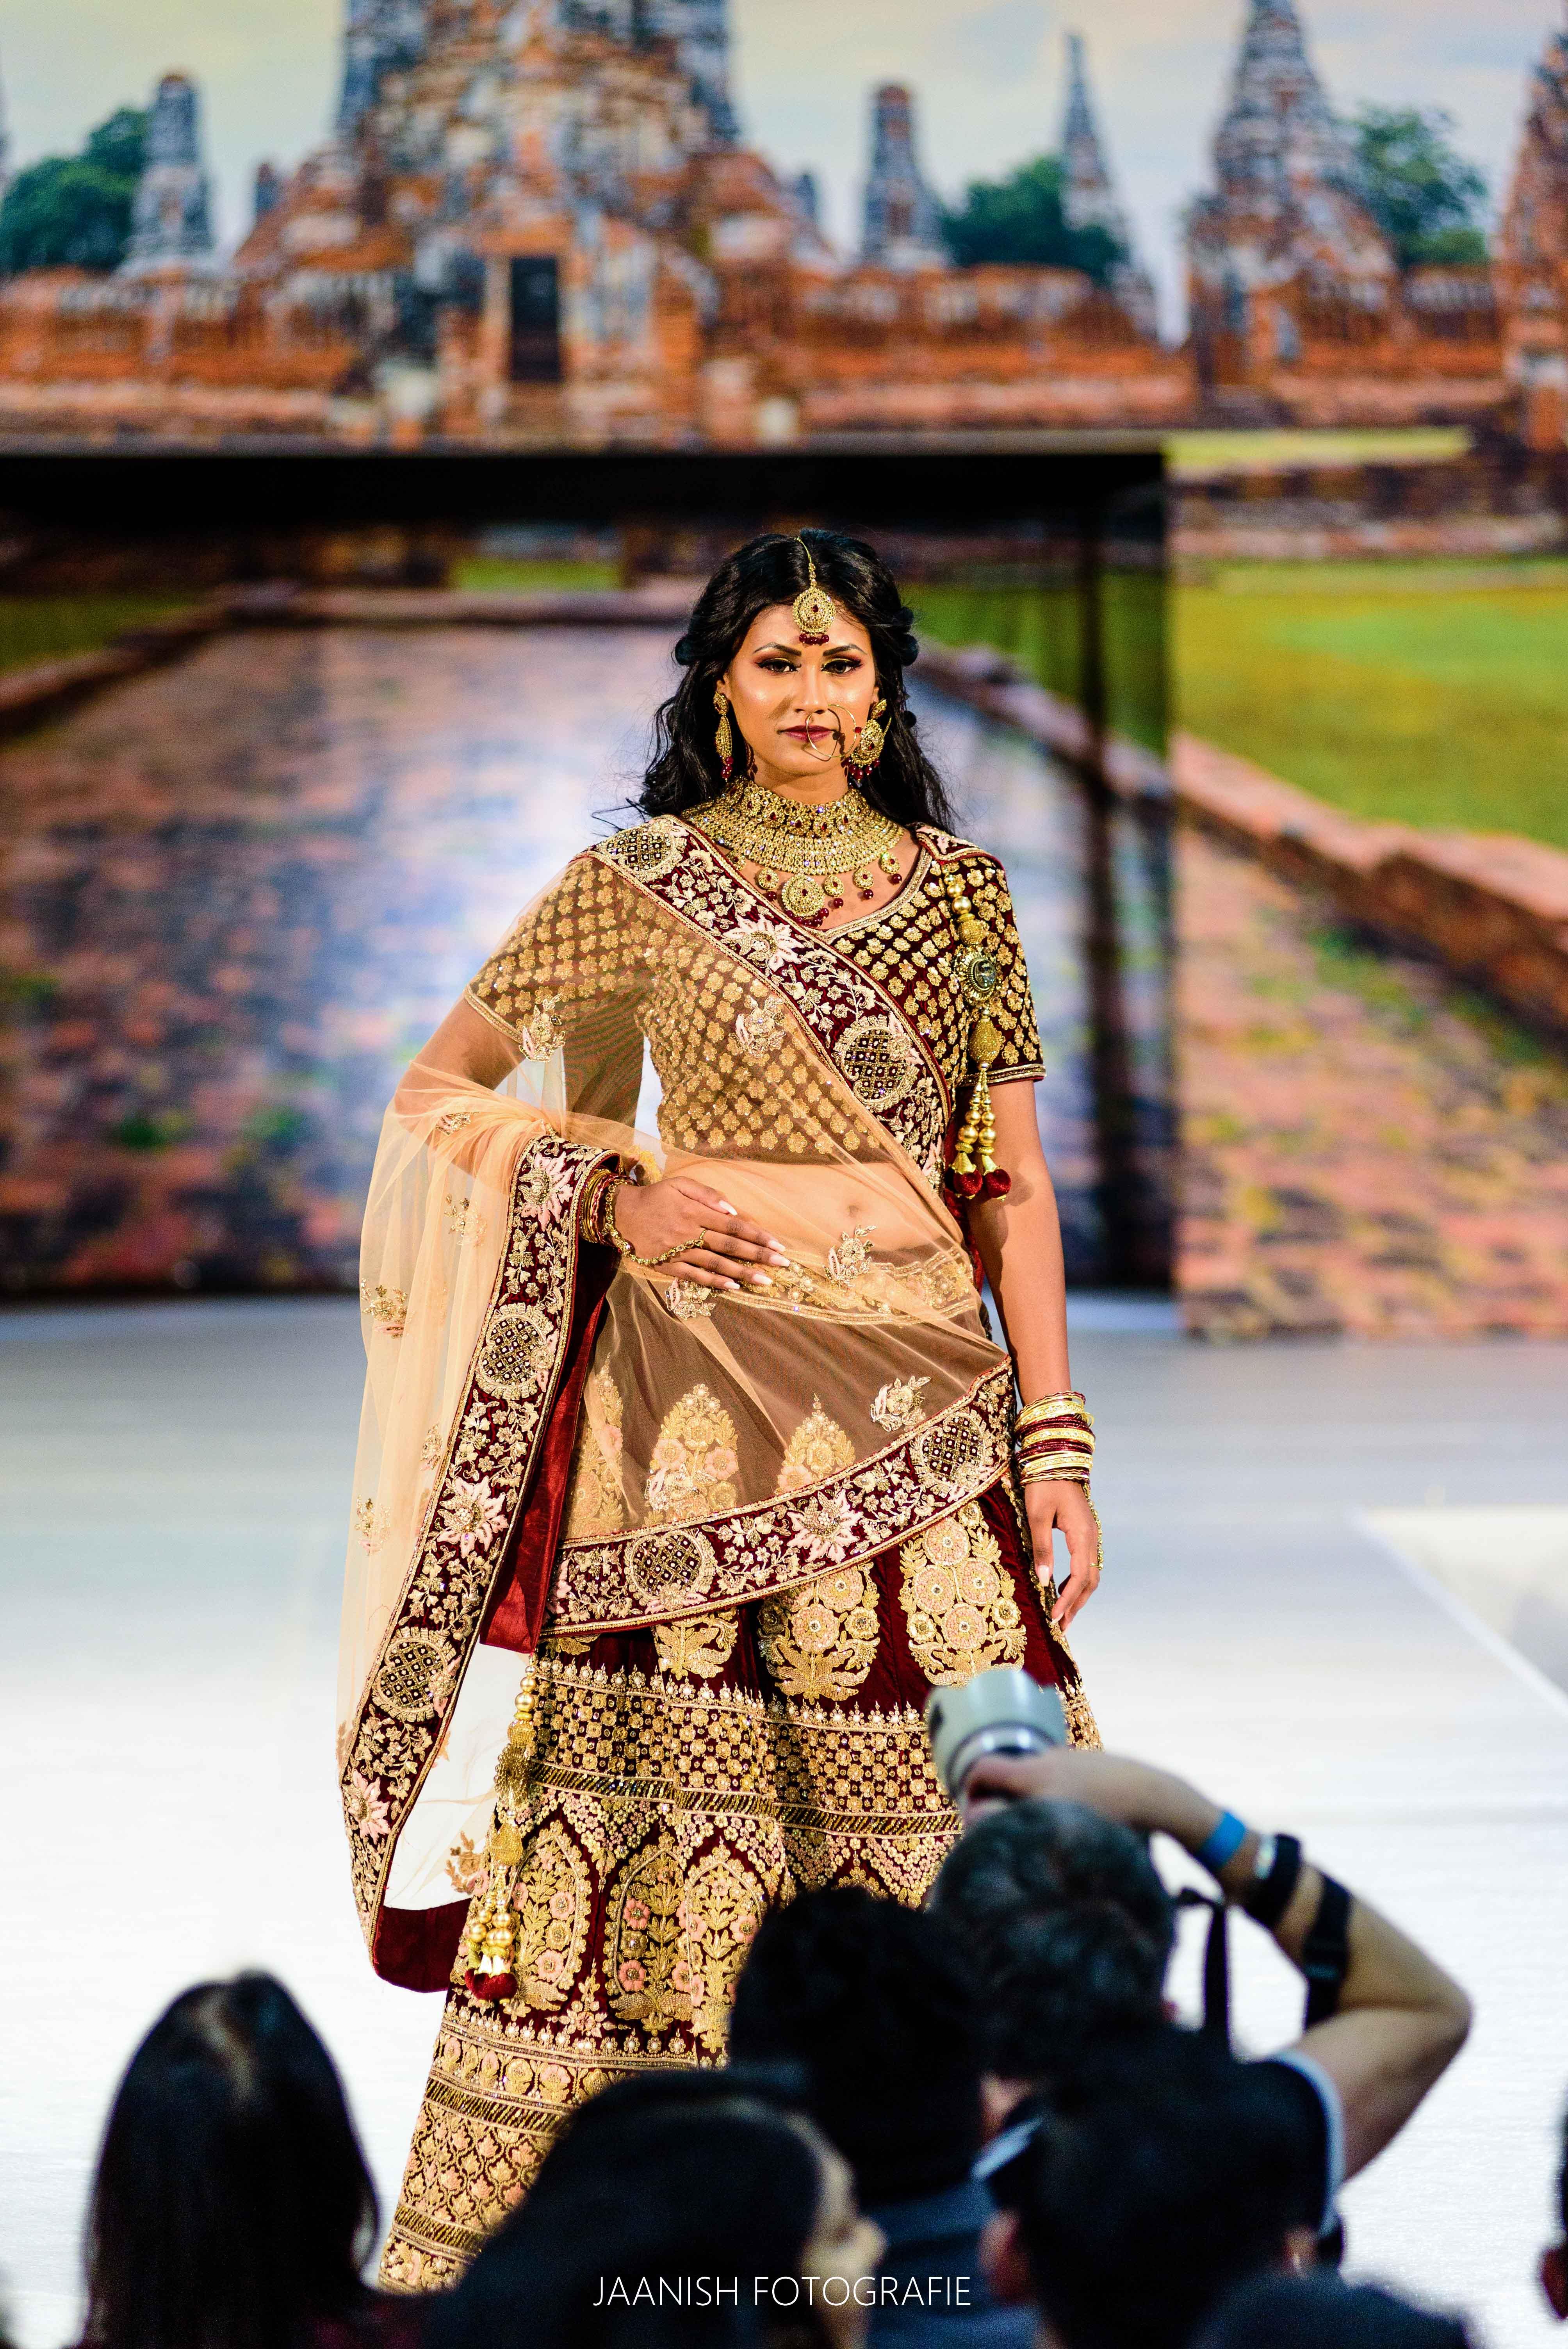 Fashion fotograaf The Big Day 5 wedding beurs 13